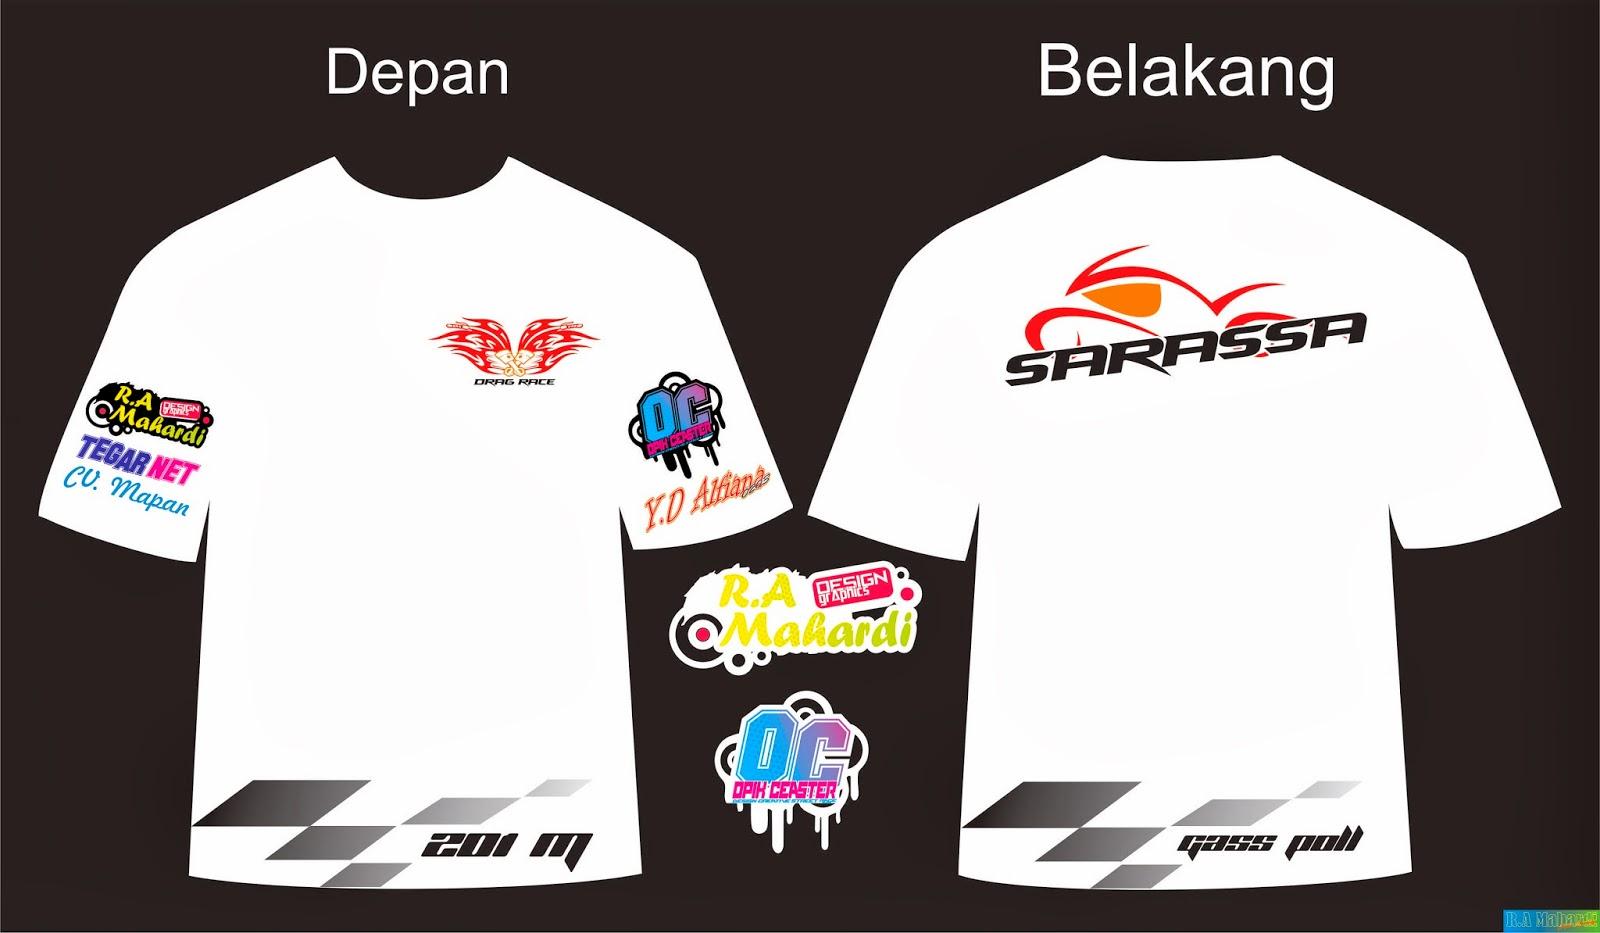 Contoh desain t shirt kelas - Desain T Shirt Racing Design T Shirt Kelas Contoh Desain T Shirt Kelas Contoh Design